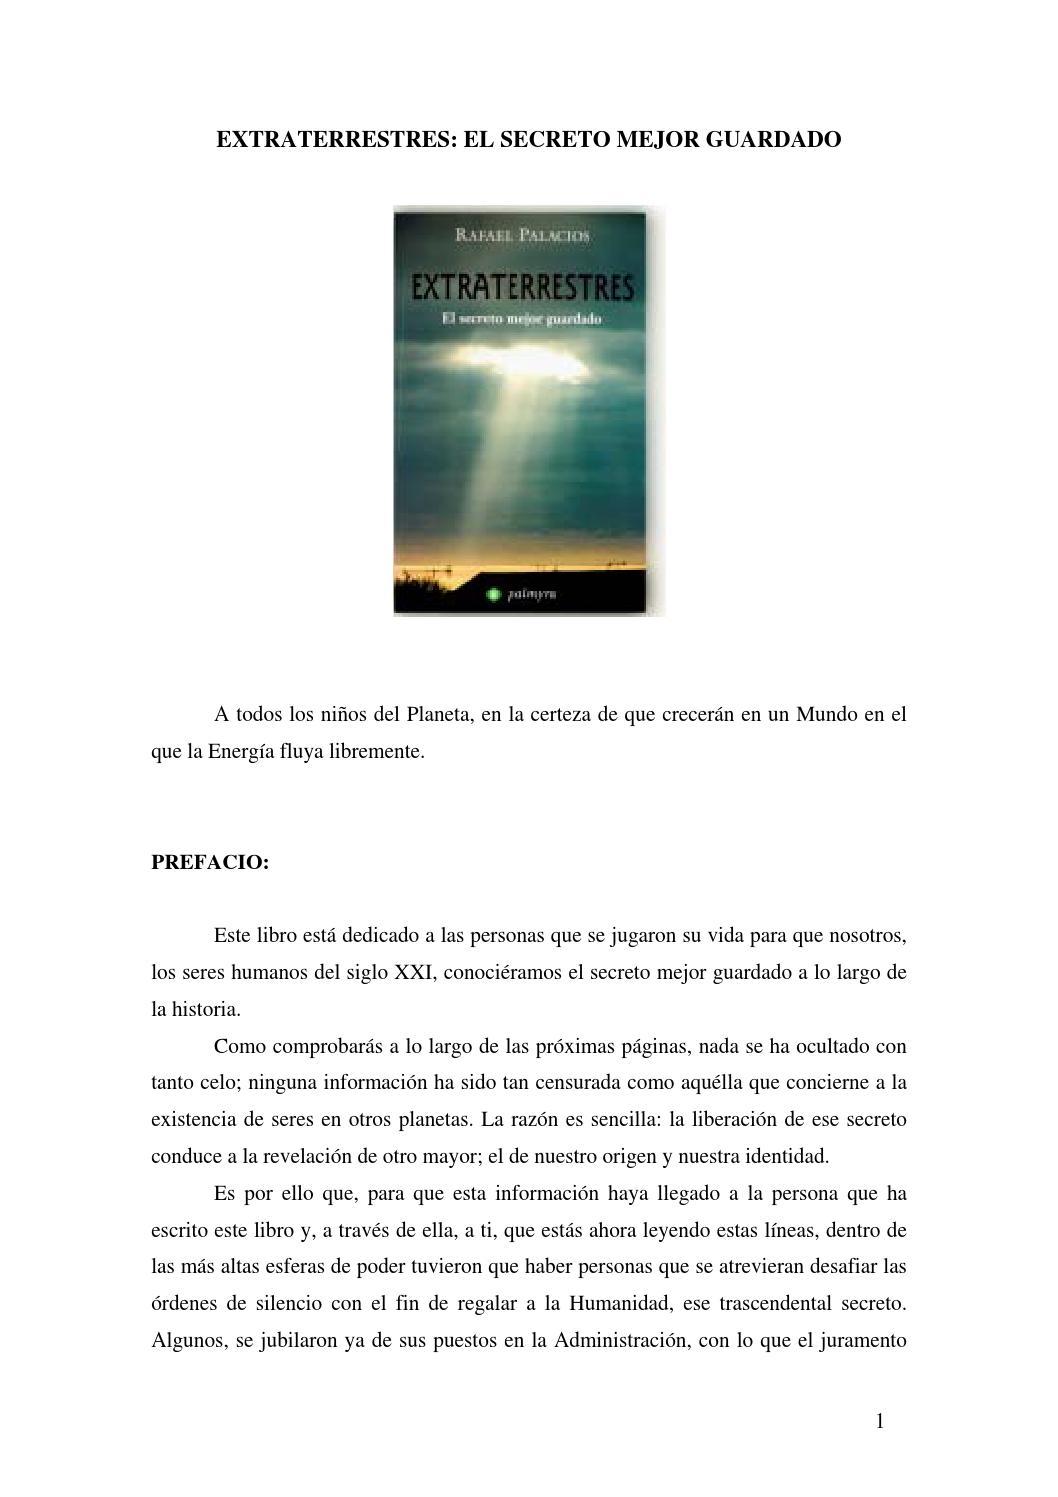 Extraterrestres el secreto mejor guardado rafael palacios by Peter489 -  issuu